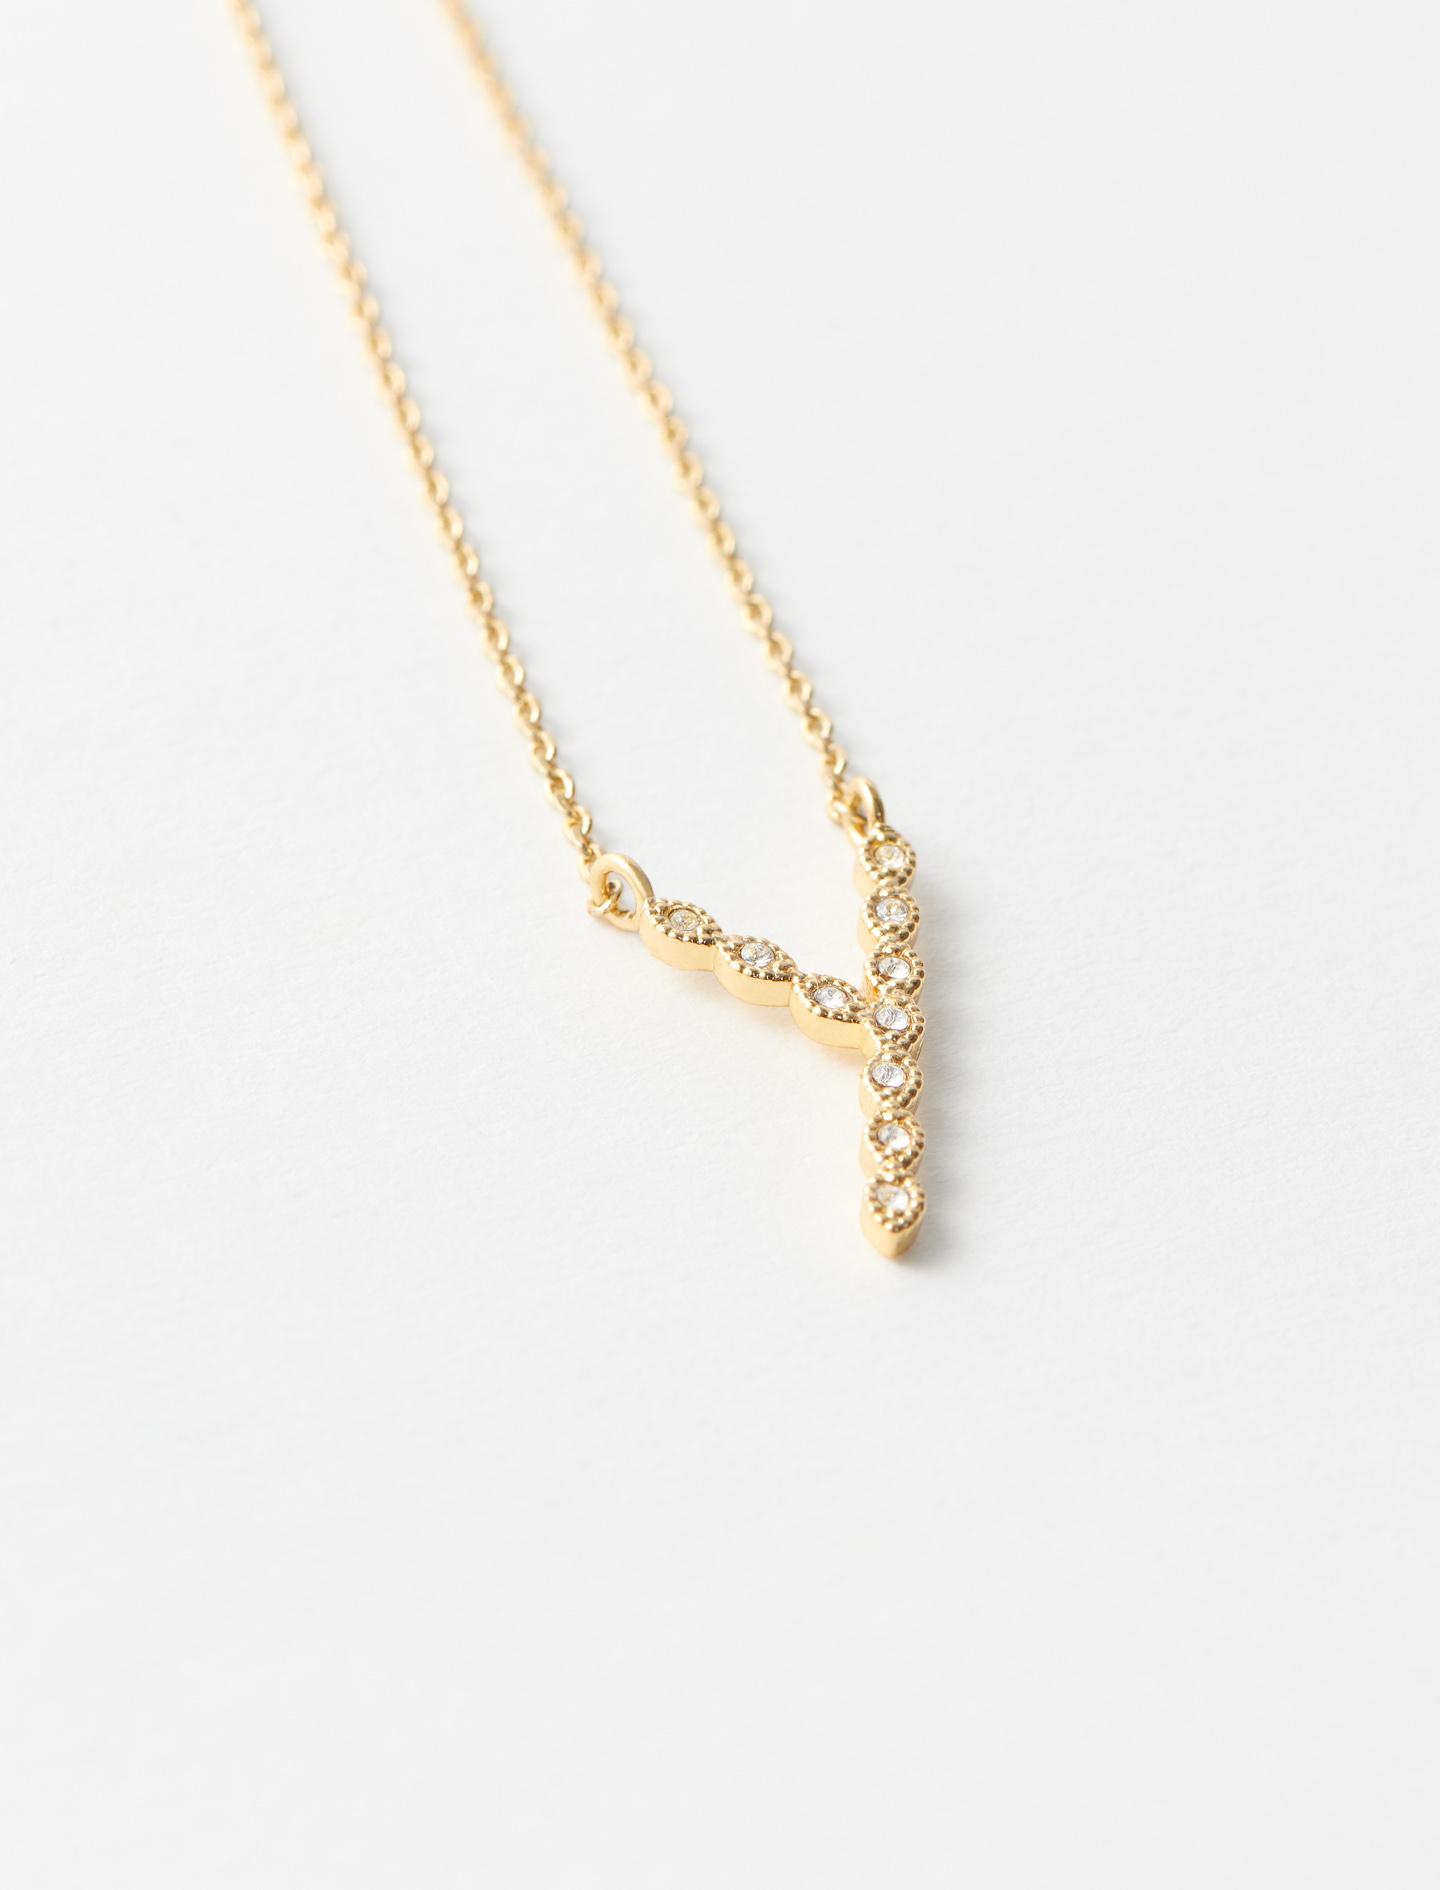 Rhinestone Y necklace - Gold